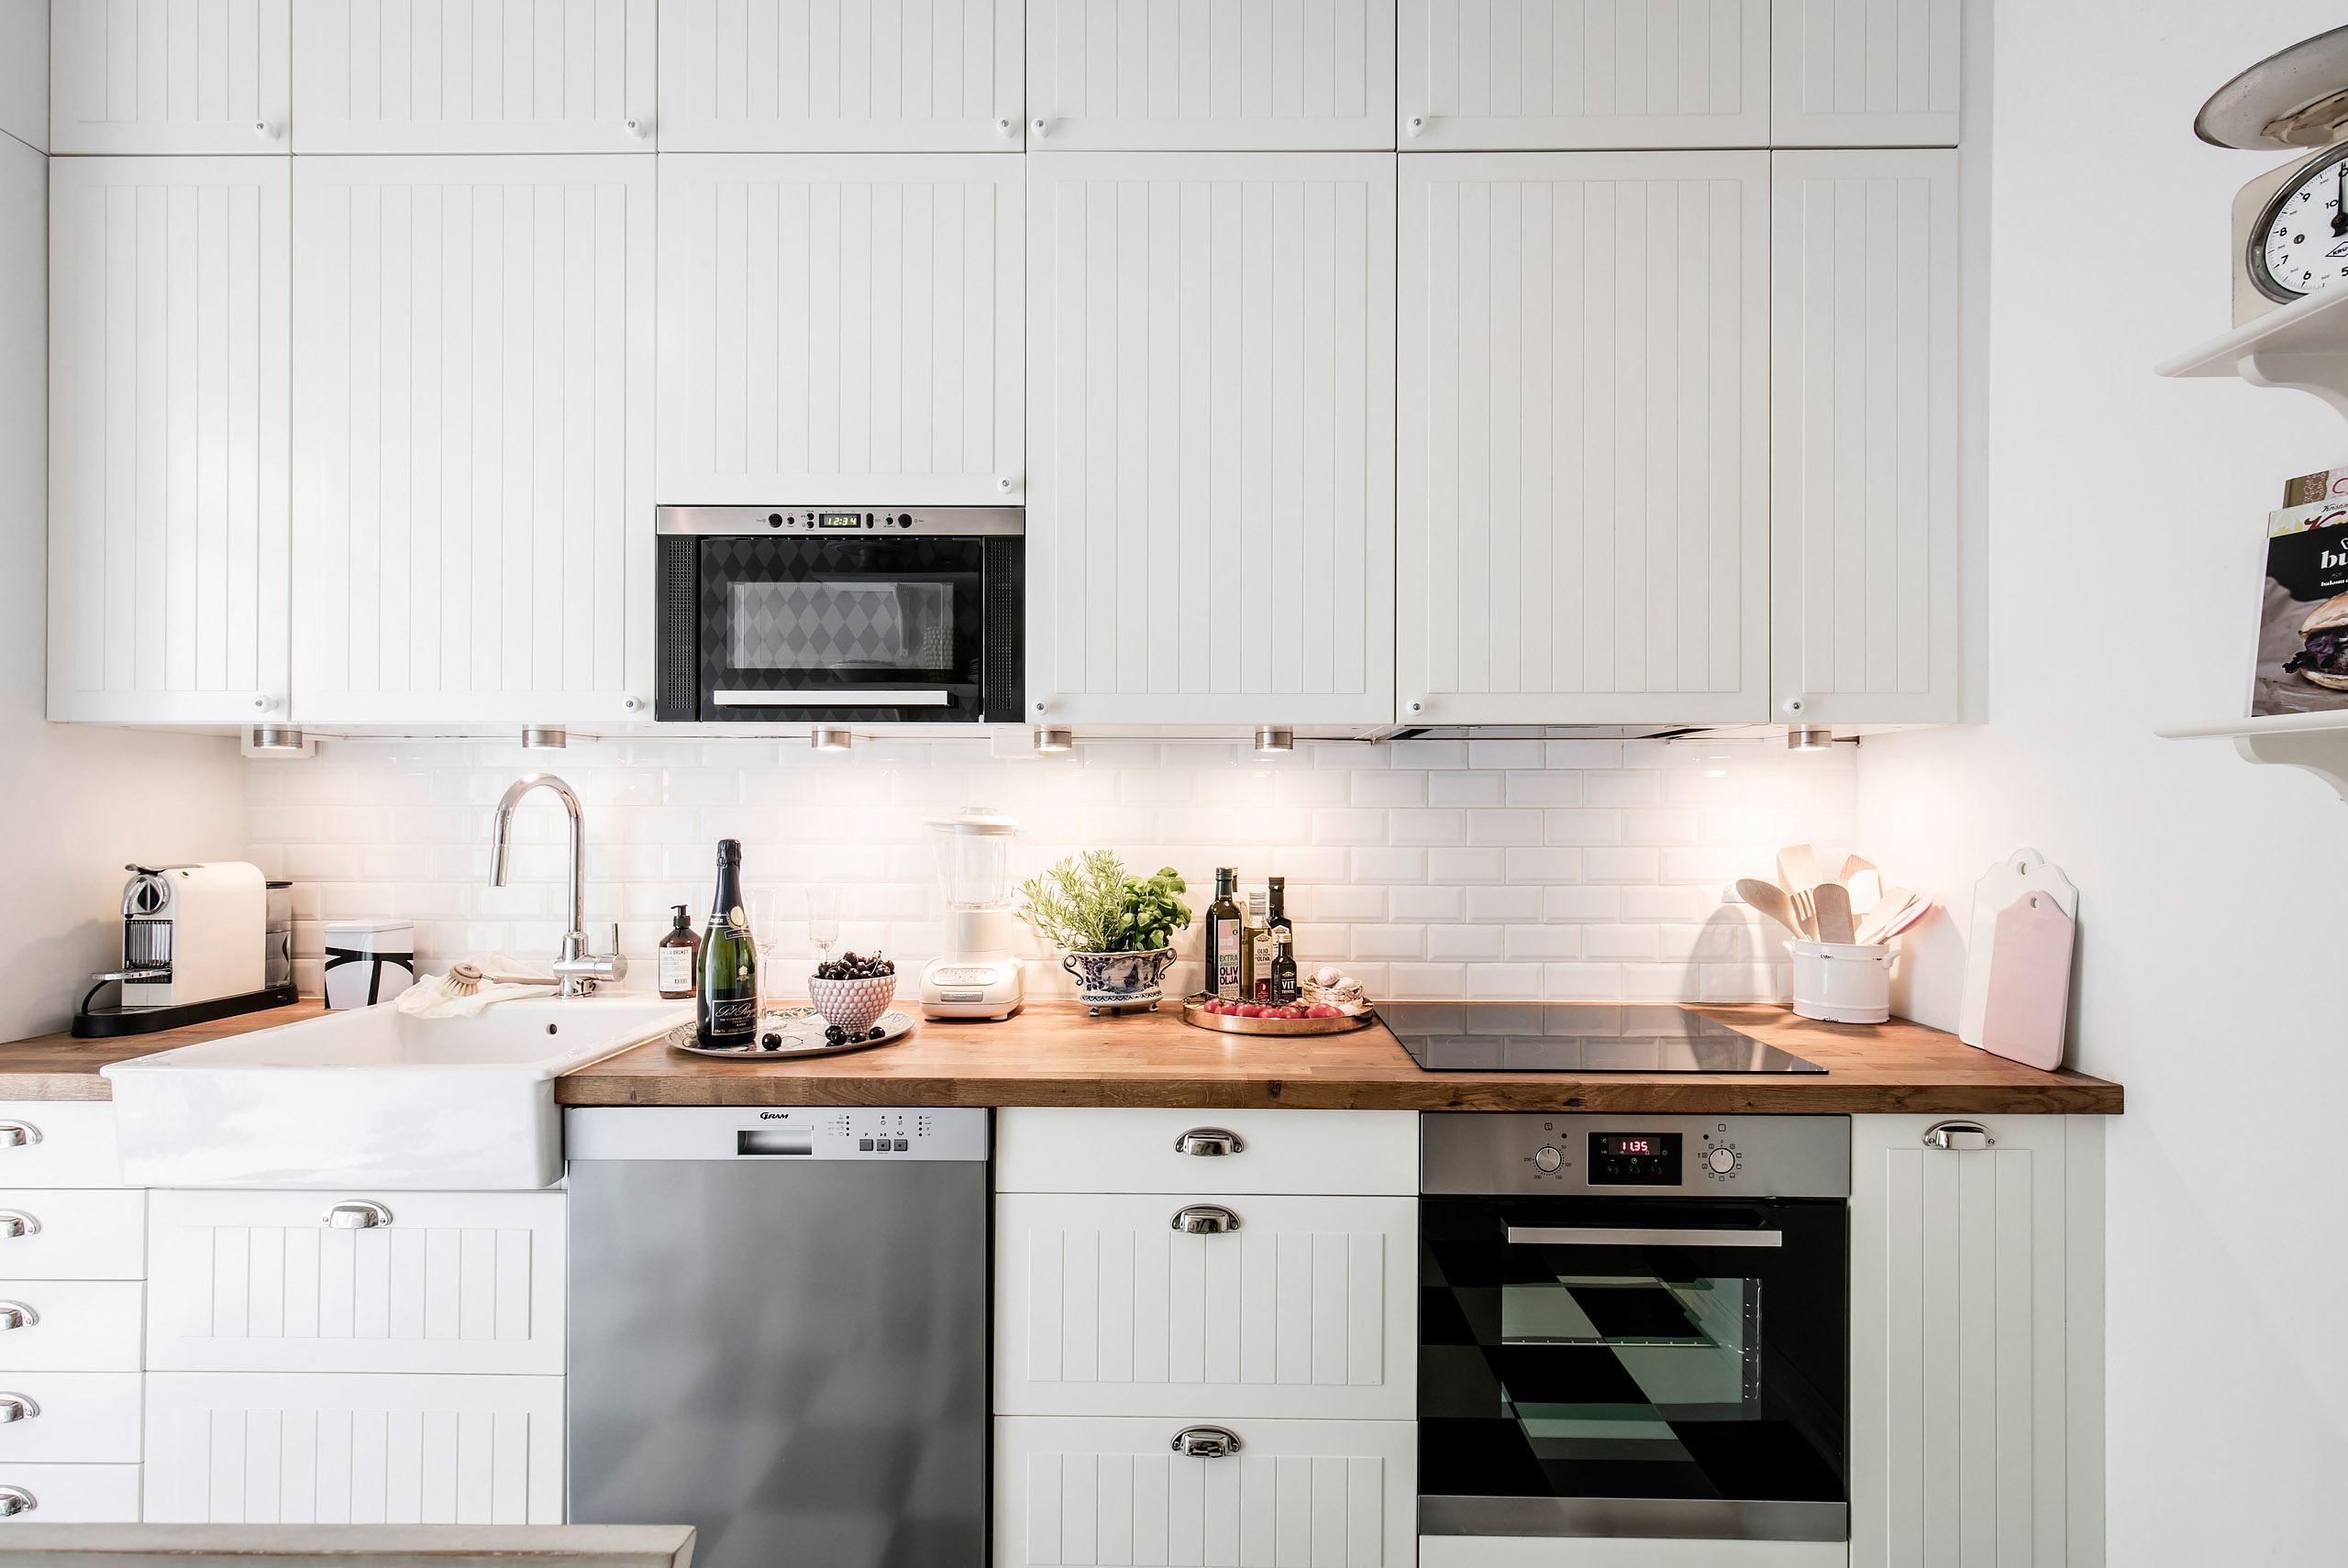 кухонная мебель белые фасады деревянная столешница встроенная вытяжка варочная панель духовка посудомоечная машина плитка кабанчик